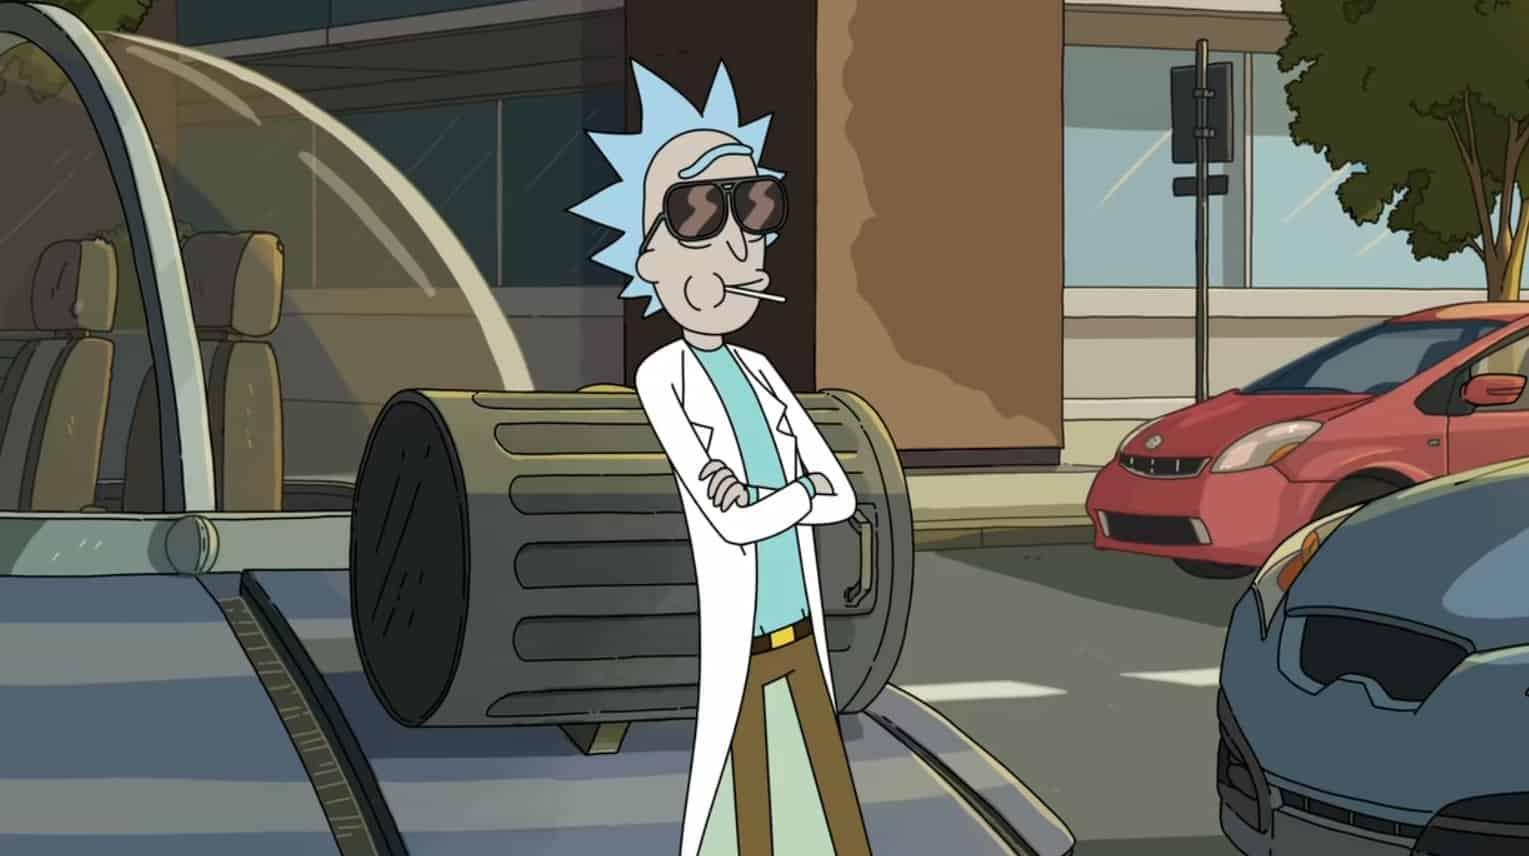 بررسی قسمت دوم و سوم فصل چهارم Rick and Morty